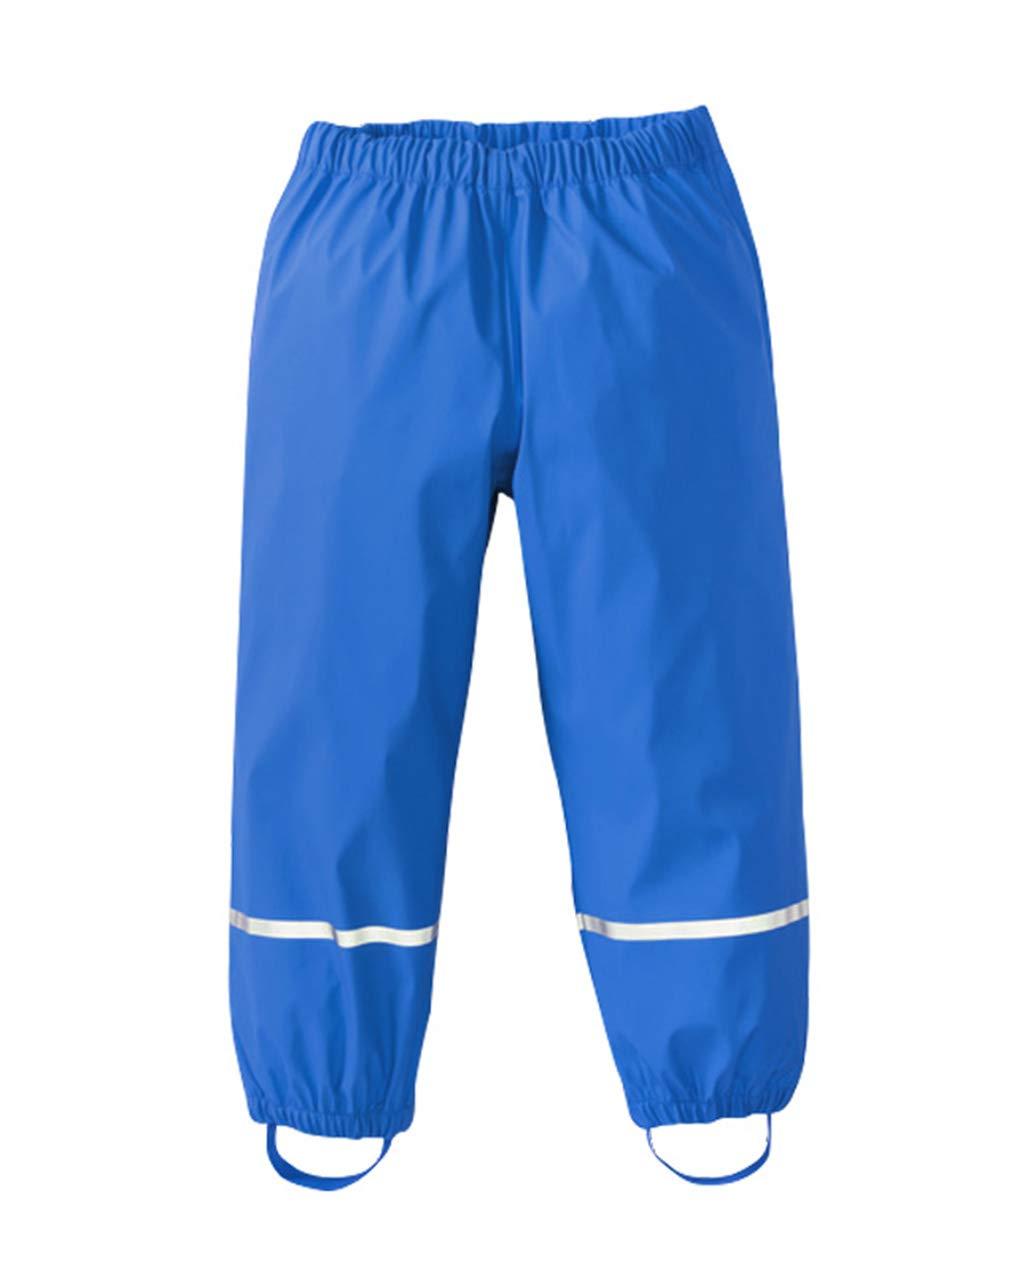 UDIY Kids' Waterproof Hiking Rain Pant Reflective Rainwear Blue 5Y by UDIY